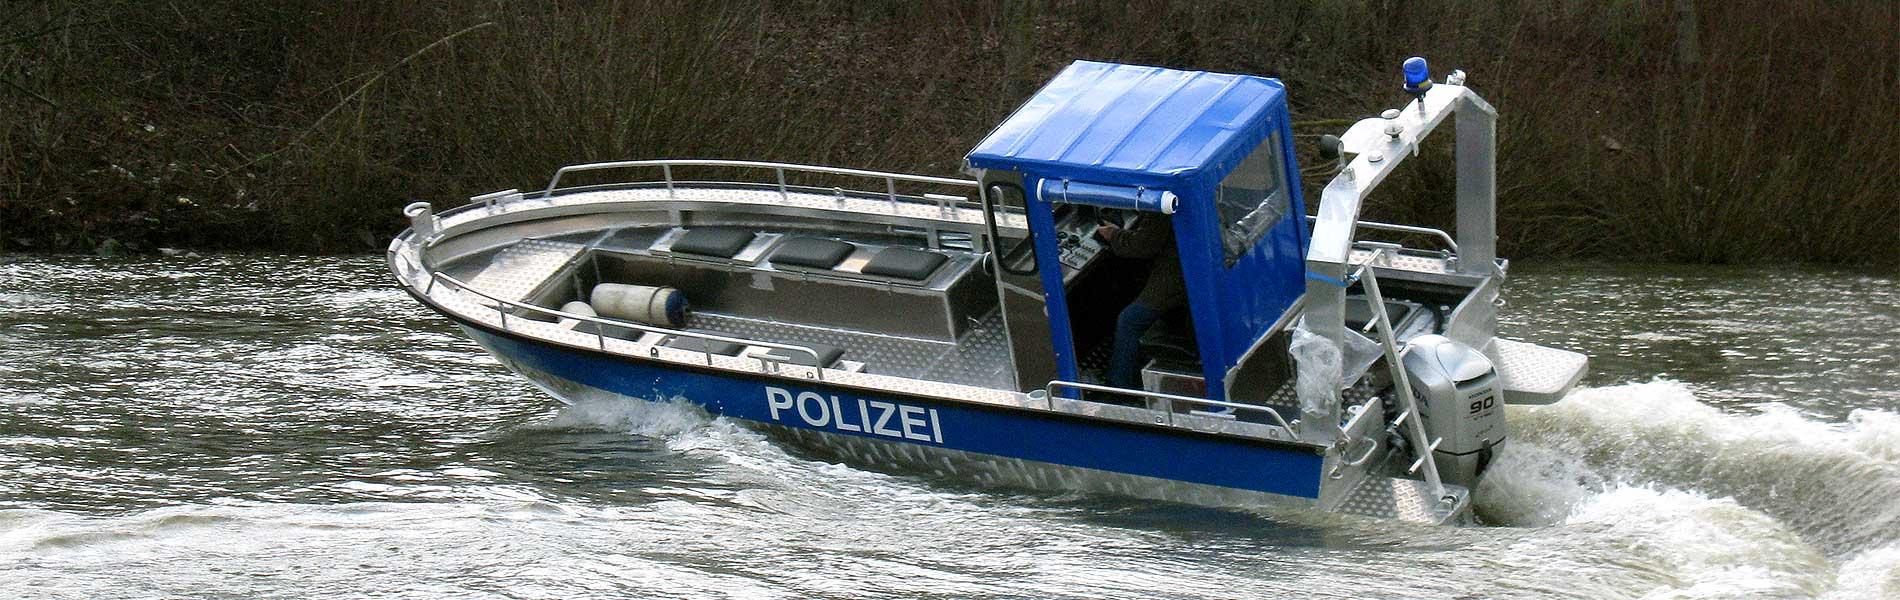 polizeiboot aluminium